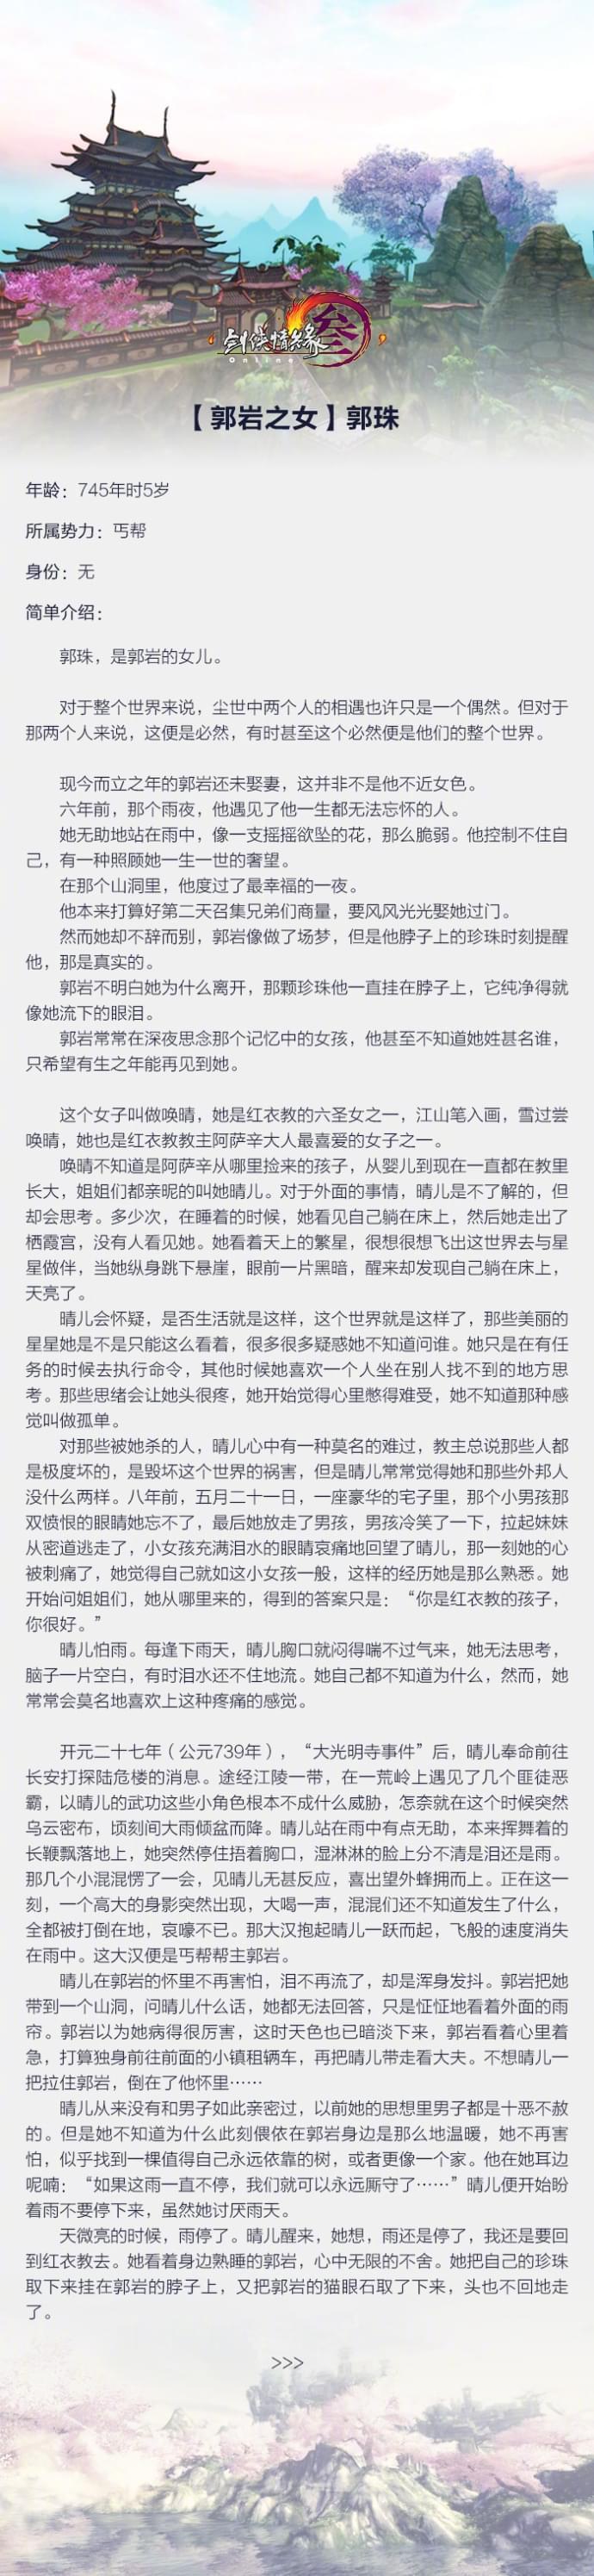 剑网3剧情故事介绍 郭岩之女郭珠